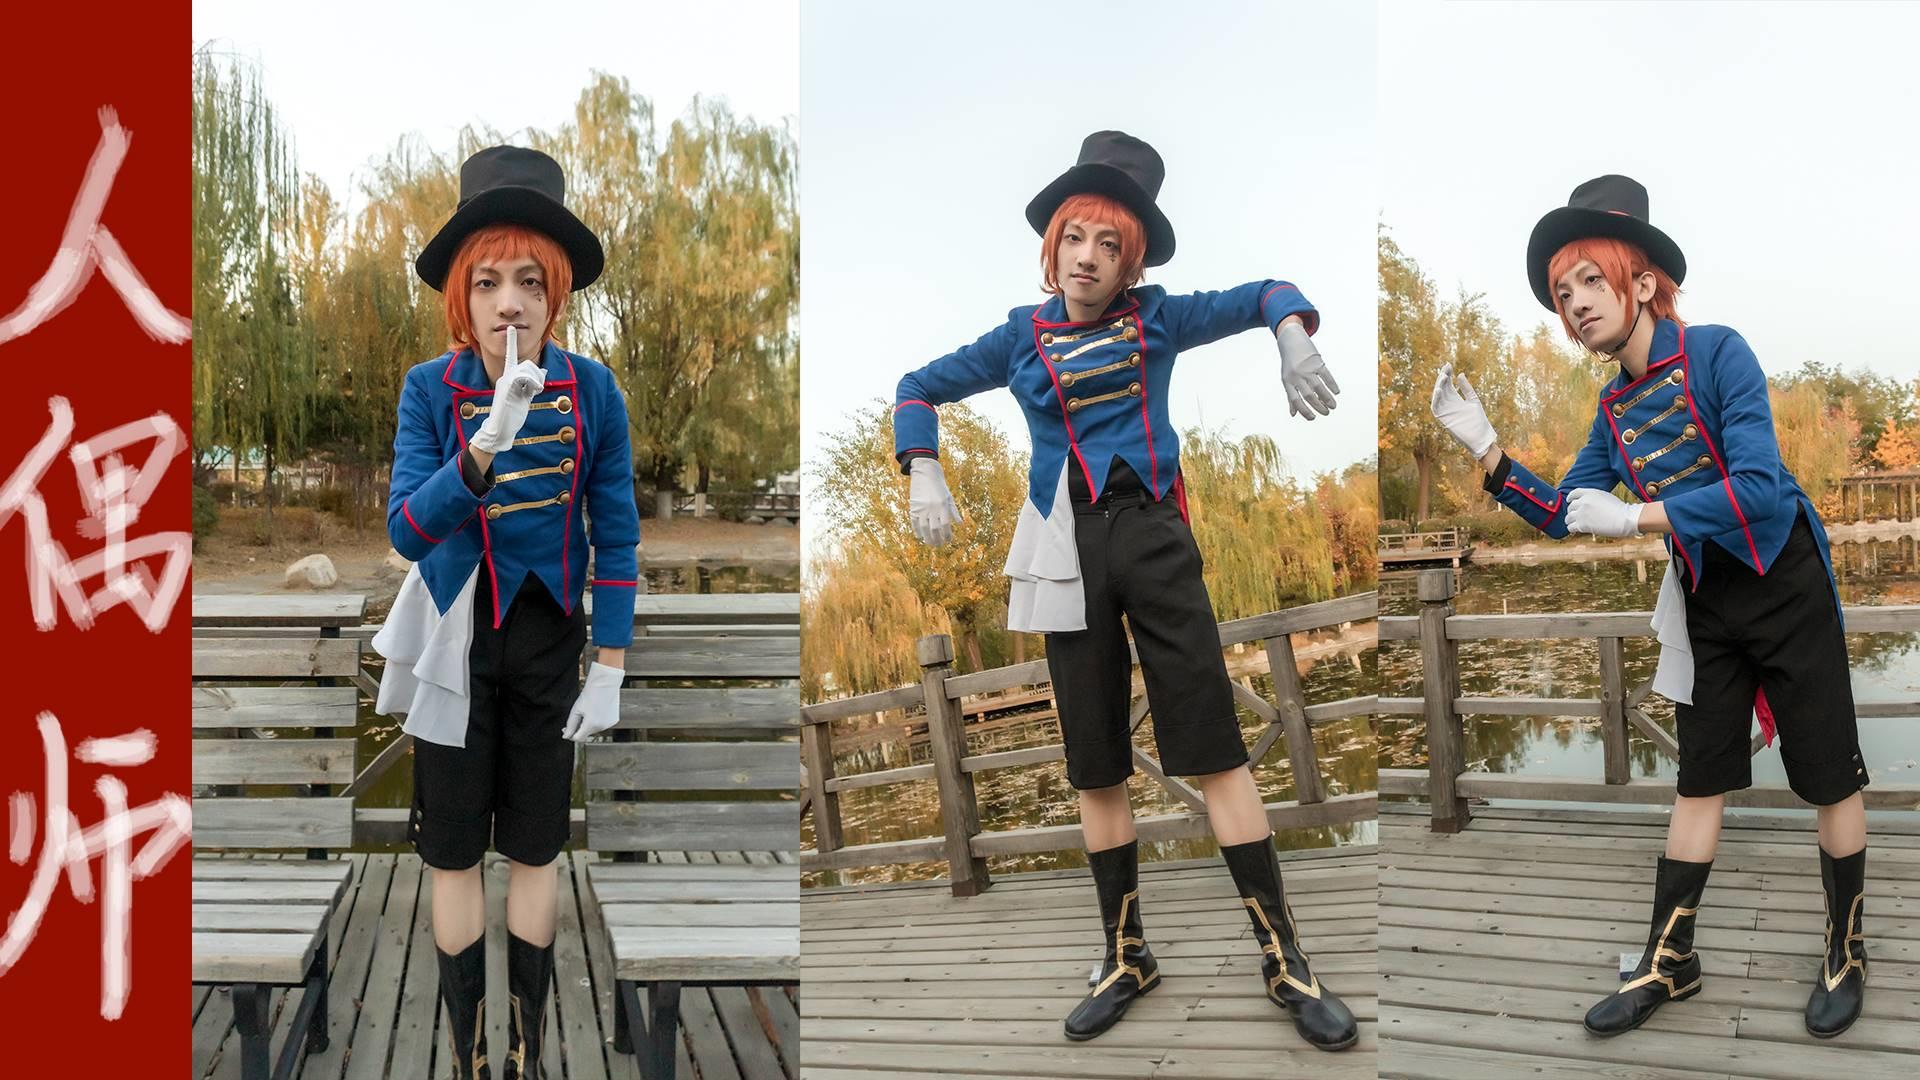 【宸羽】东北dancer/coser翻跳 喘息【自傷無色】人偶师跳舞 第三弹!结尾有高能!